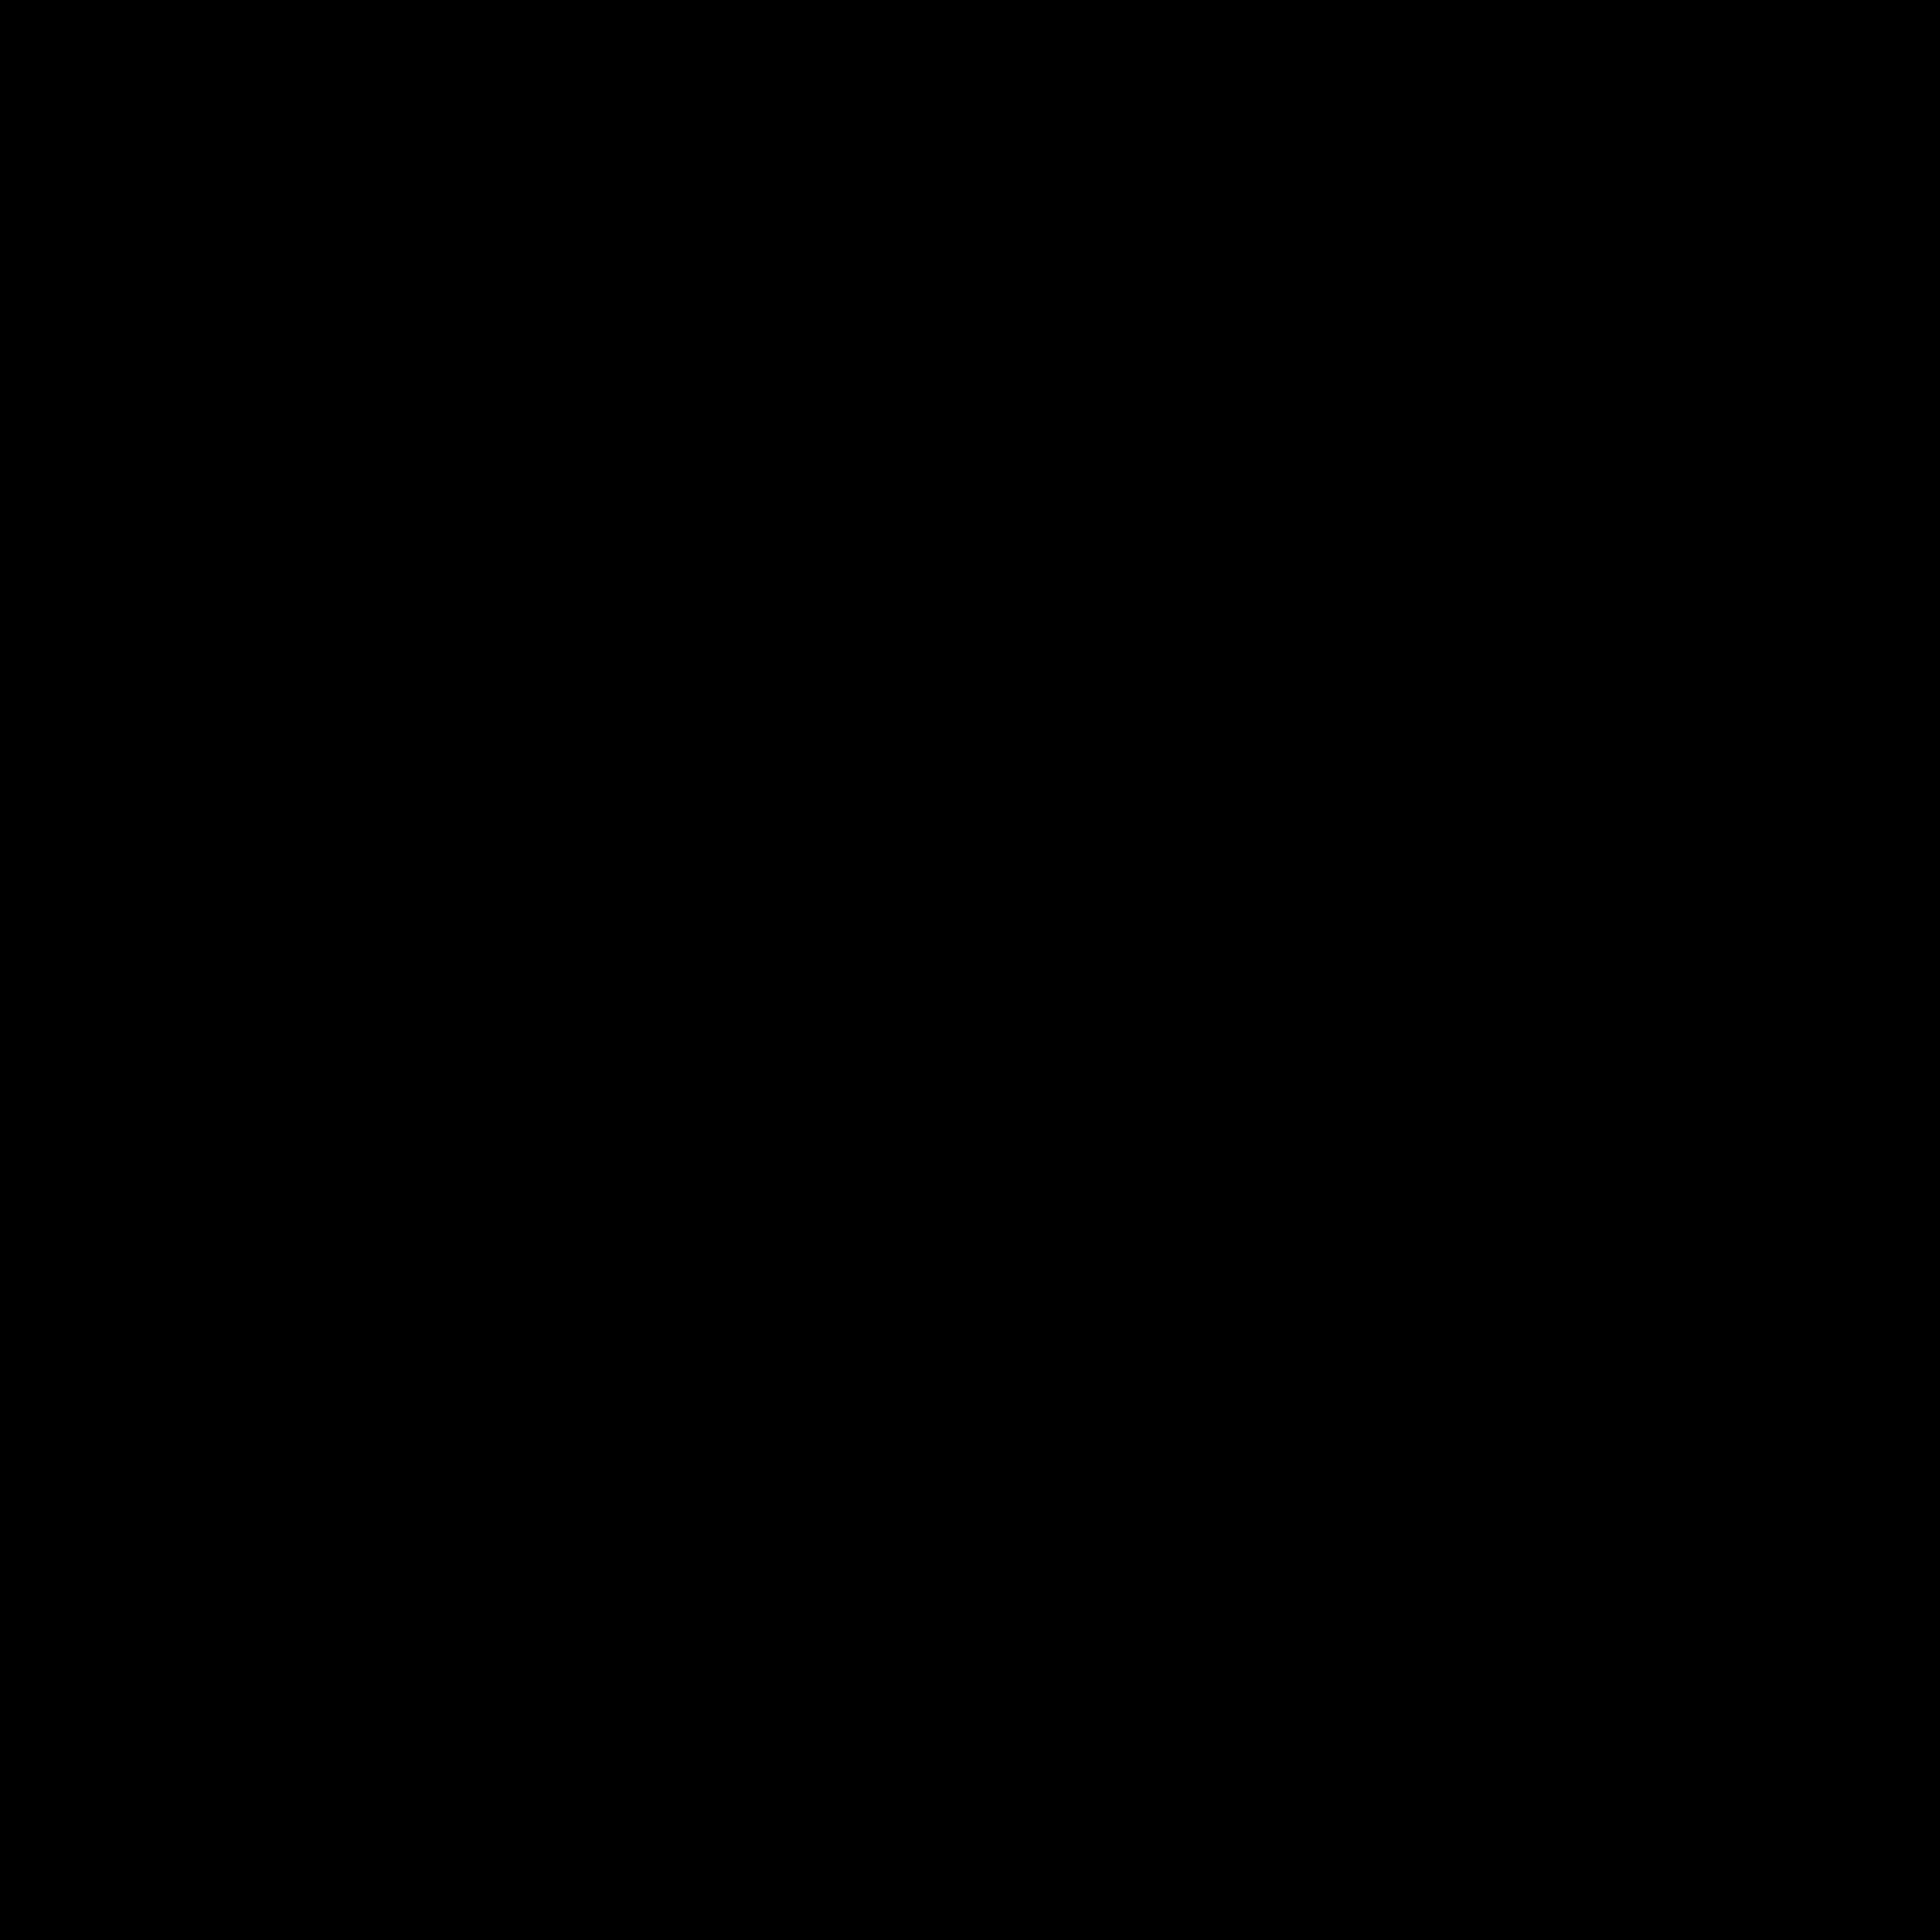 John Paul Janecek's Work Site logo